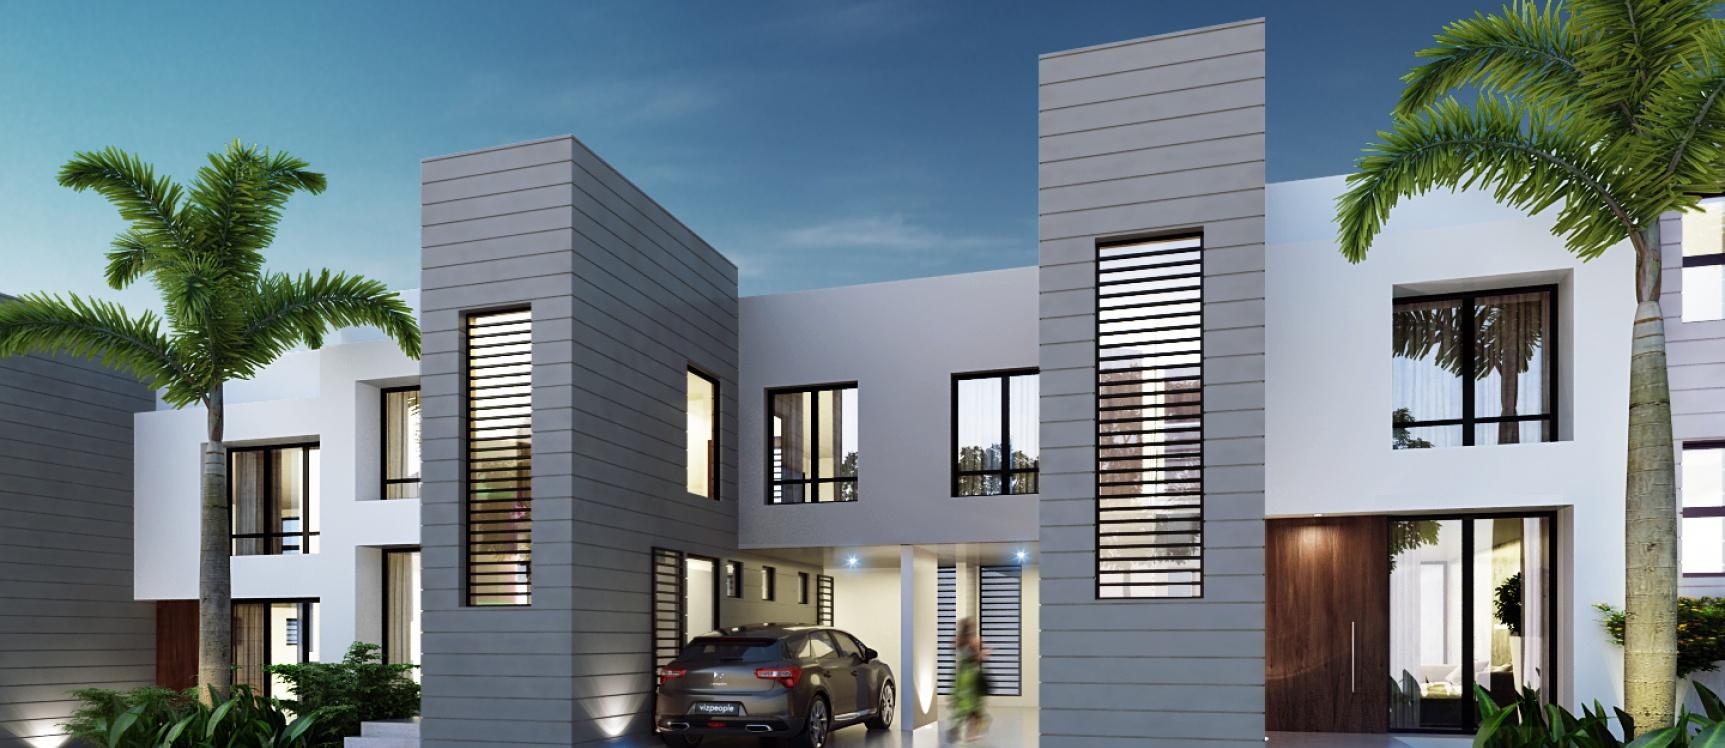 GeoBienes - Villa 3 - Colinas de Santa Cecilia - Plusvalia Guayaquil Casas de venta y alquiler Inmobiliaria Ecuador